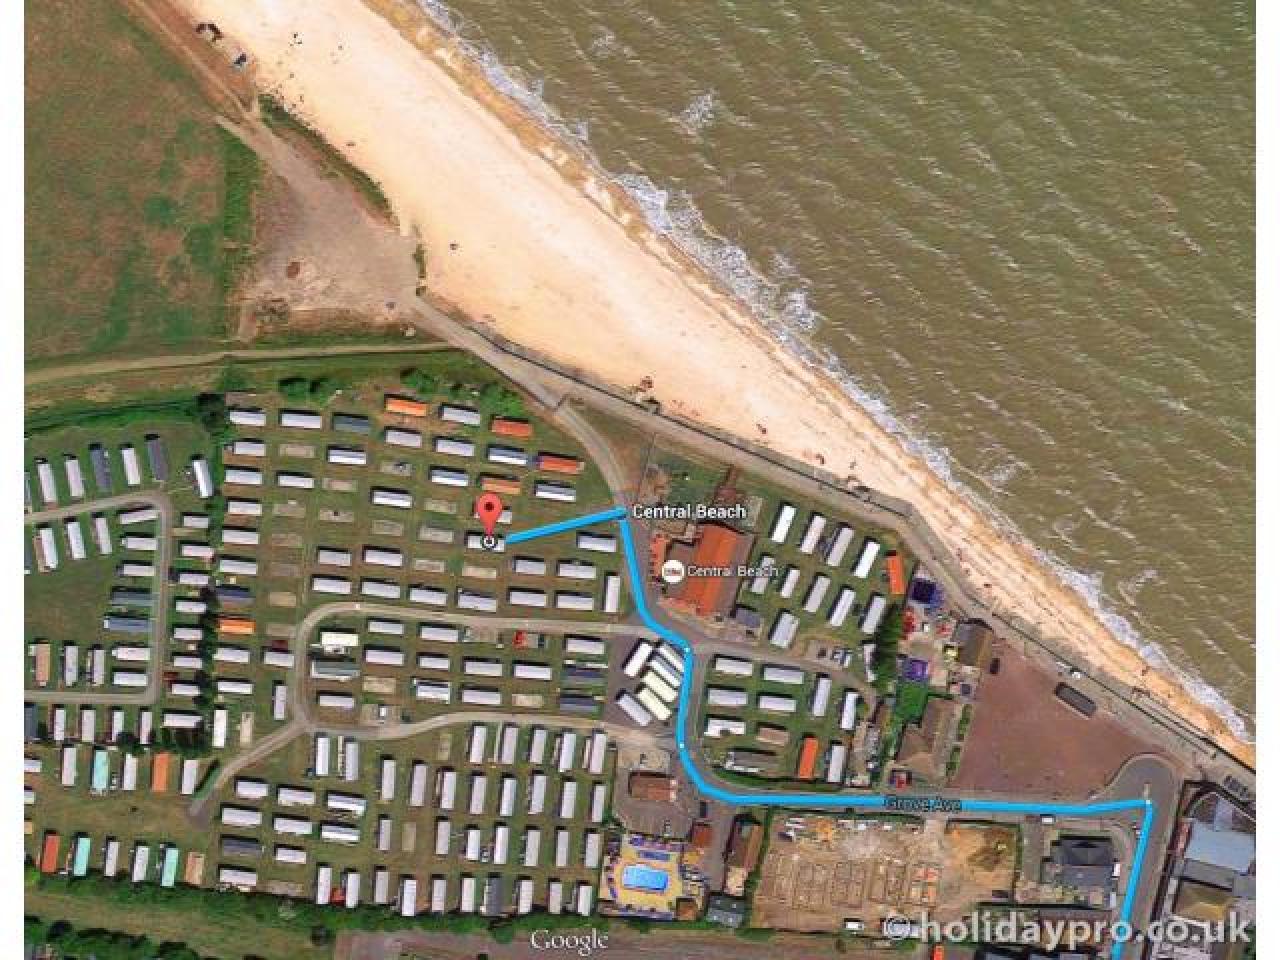 Сдается Караван в парке отдыха на берегу моря Leysdown-on-sea, 50миль от Лондона - 6